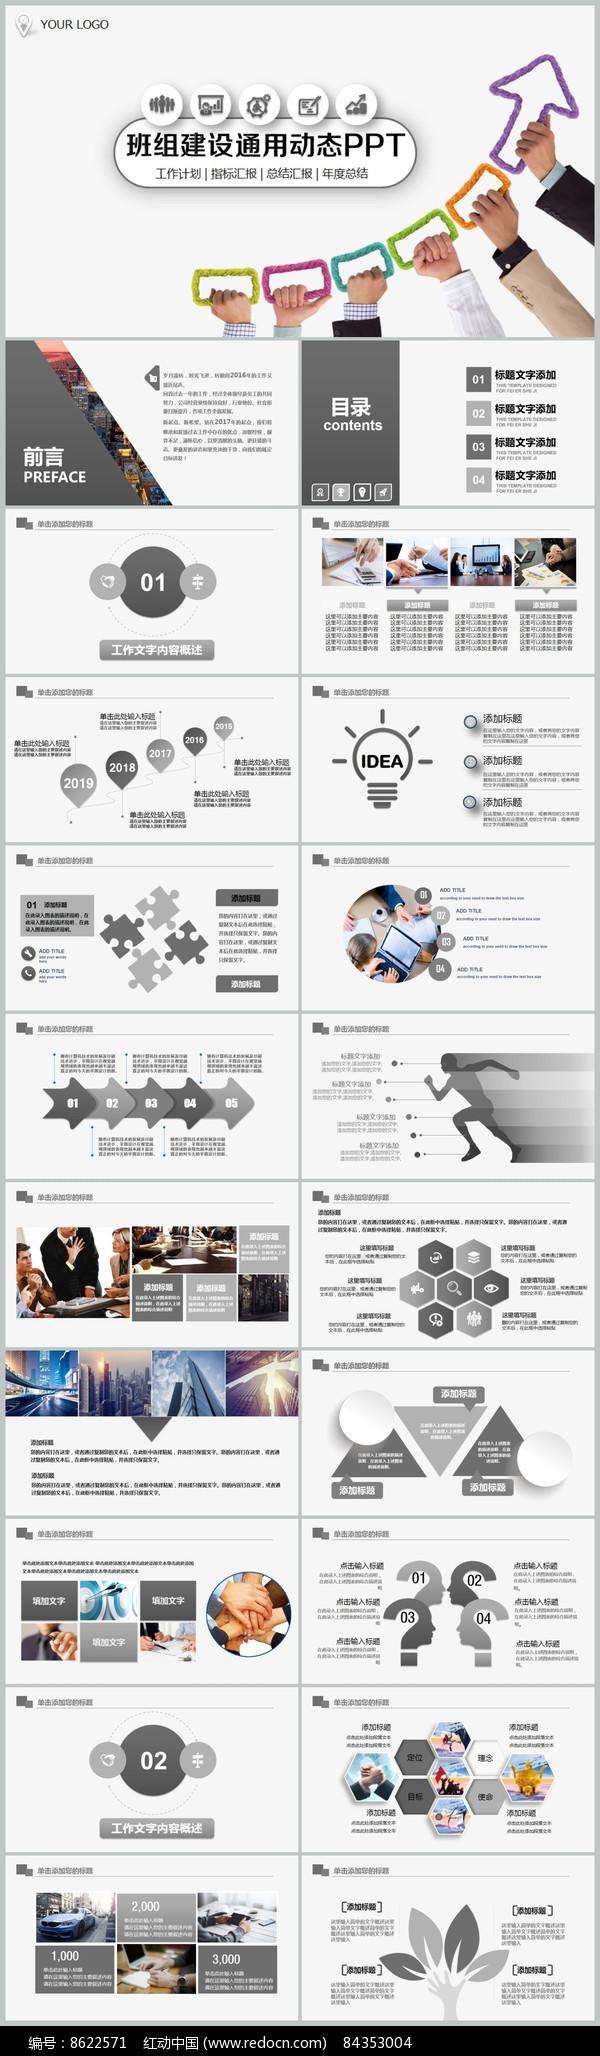 企业文化班组建设合作ppt图片